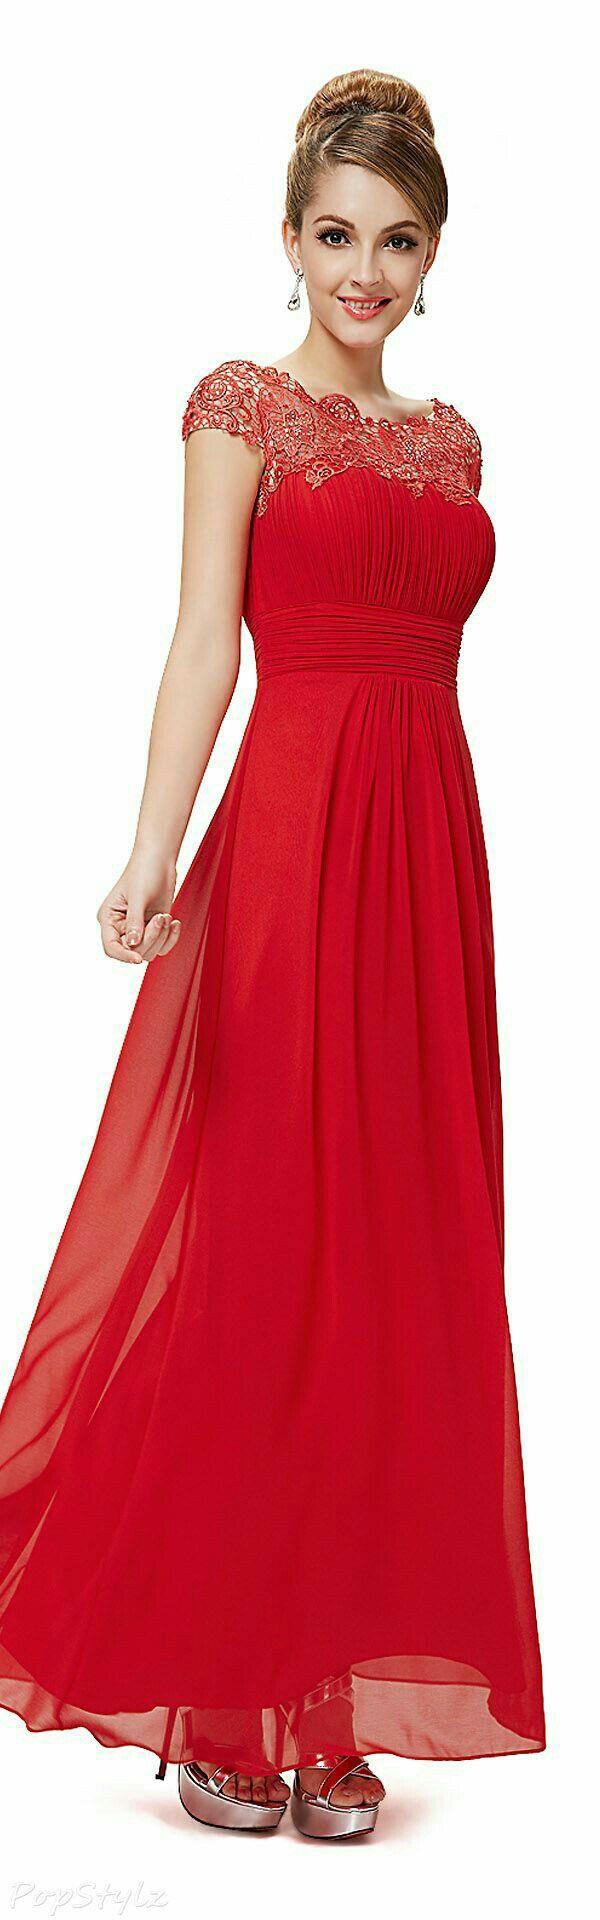 Pin by joyce mello on vestidos longos de gala pinterest